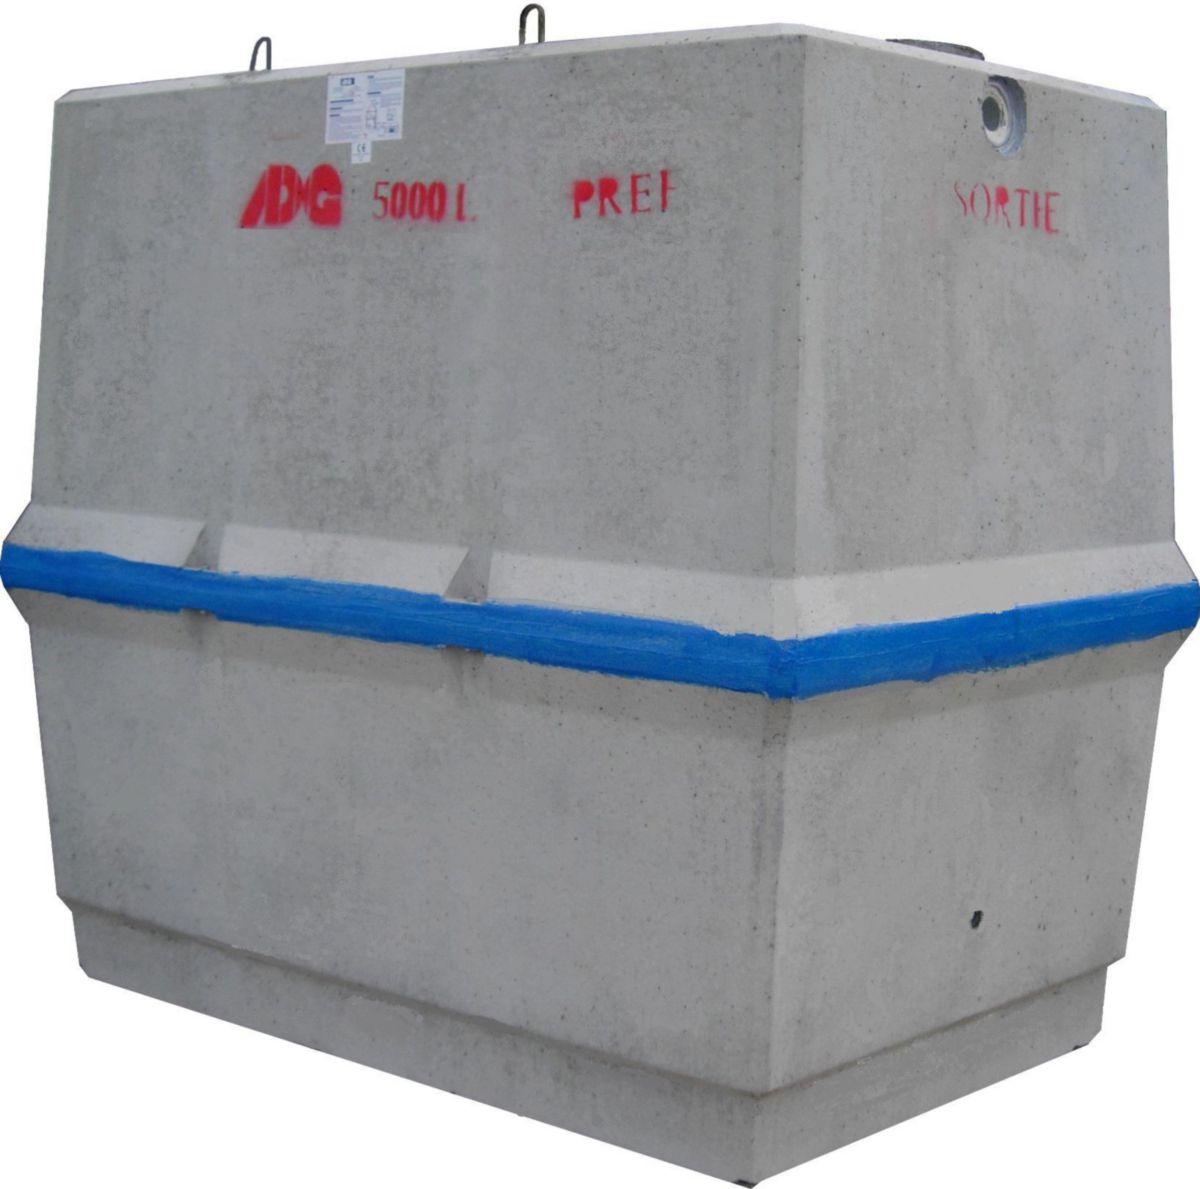 fosse septique 5000l beton